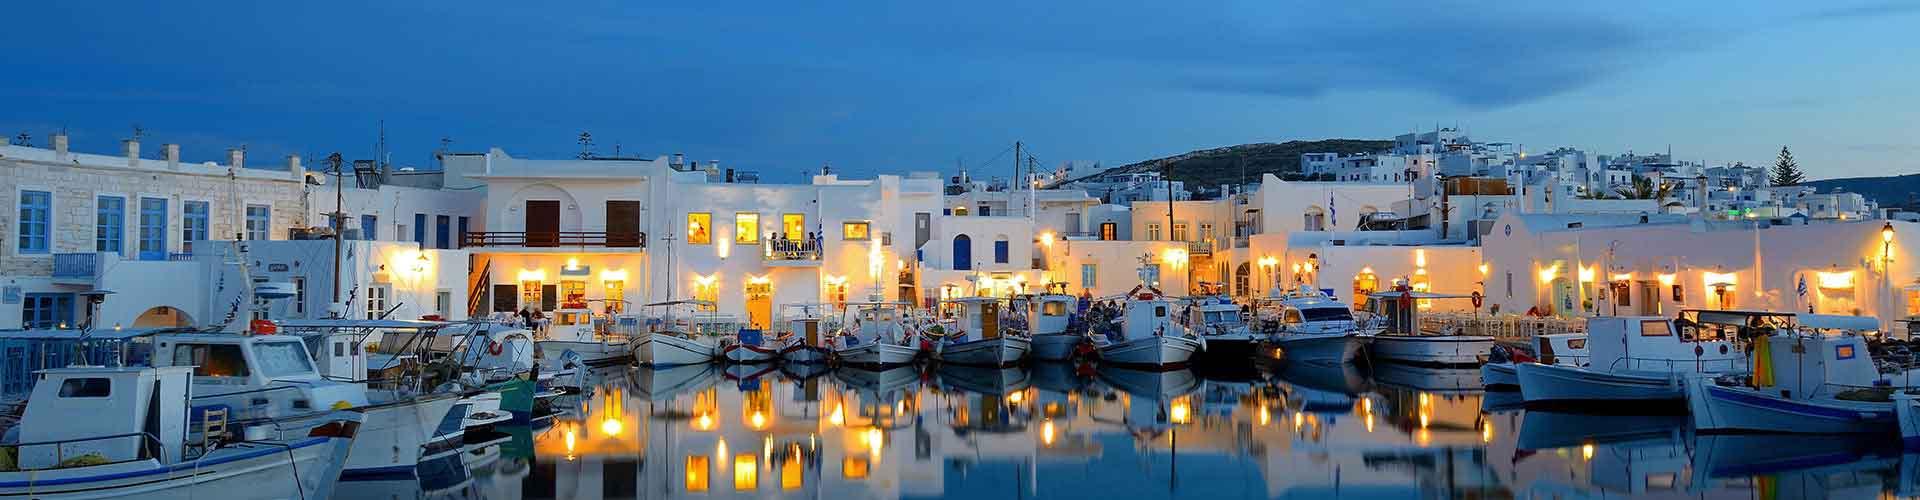 Paros - Auberges de jeunesse à Paros. Cartes pour Paros, photos et commentaires pour chaque auberge de jeunesse à Paros.